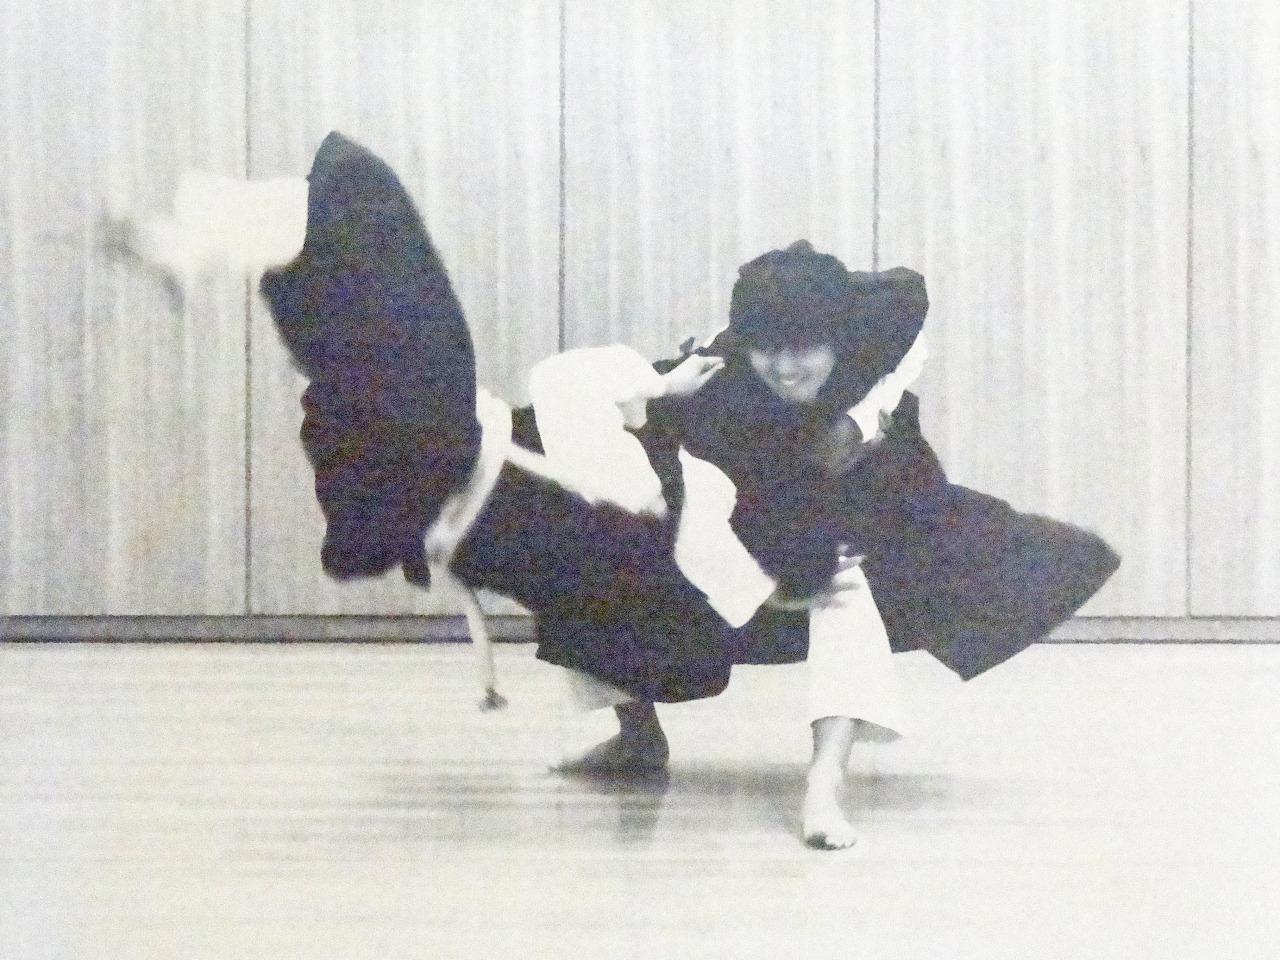 学生時代の部活風景です。少林寺拳法部に所属しておりました。